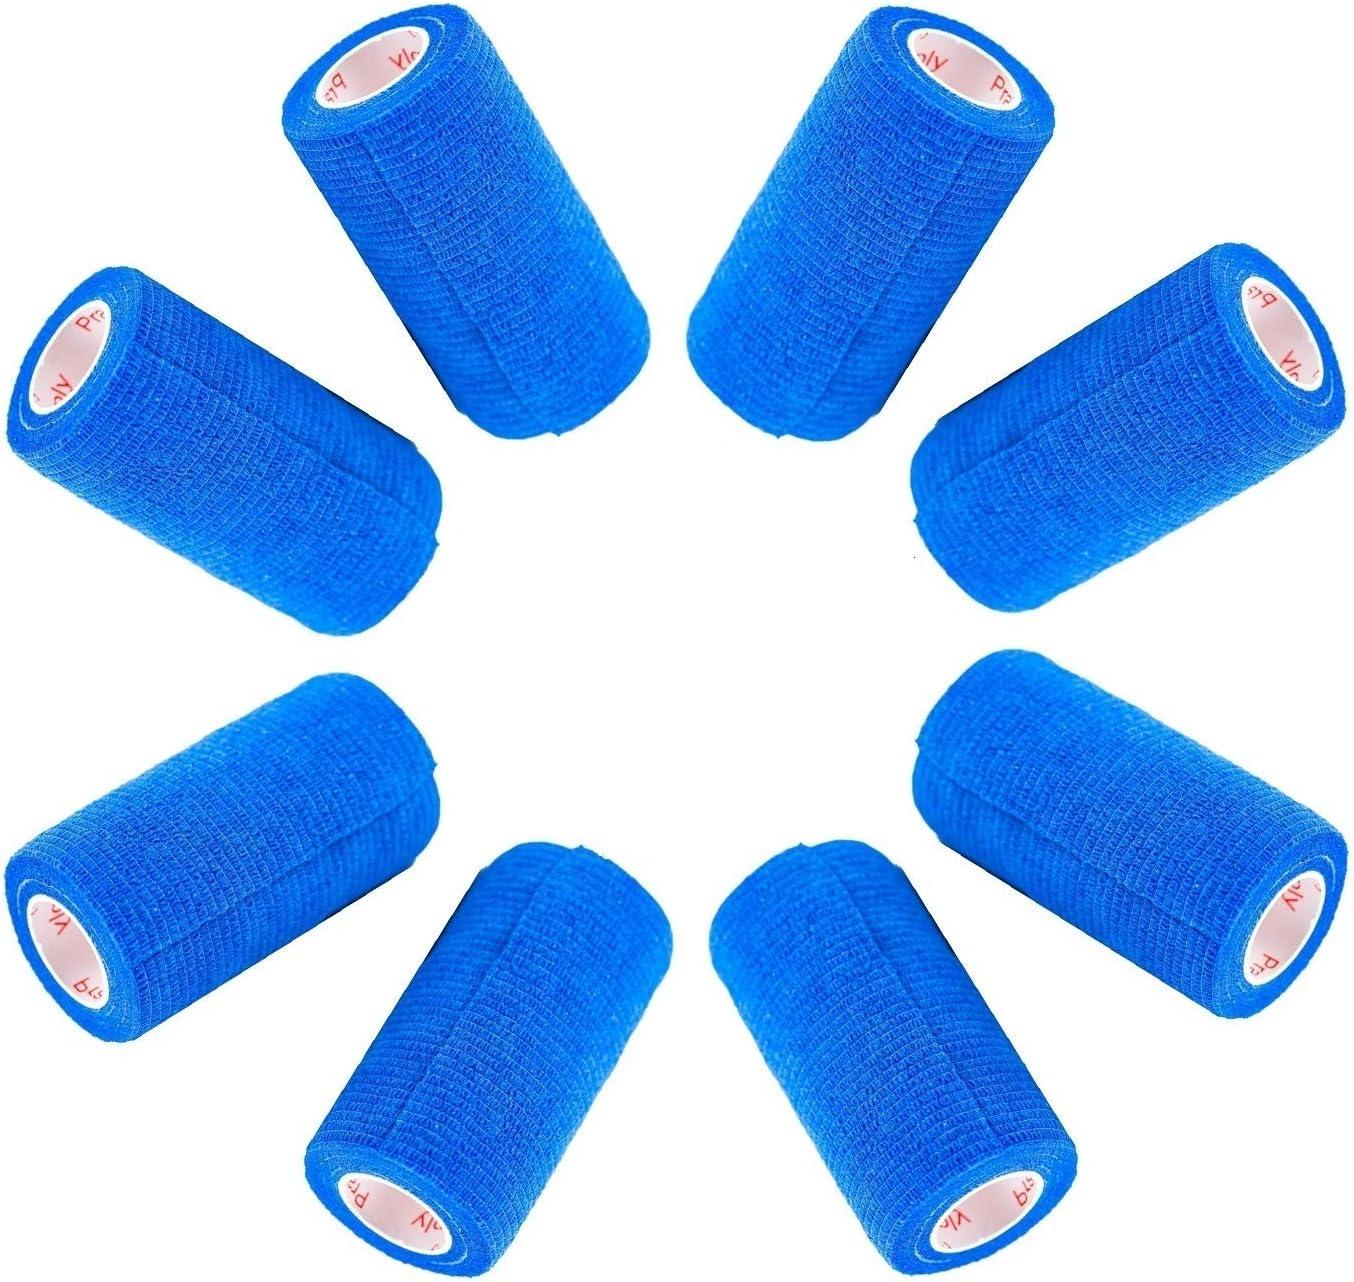 4 Inch Vet Wrap Tape Bulk (Assorted Colors) (6, 12, 18, or 24 Packs) Self-Adhesive Self Adherent Adhering Flex Bandage Rap Grip Roll for Dog Cat Pet Horse 71xP947fJZL